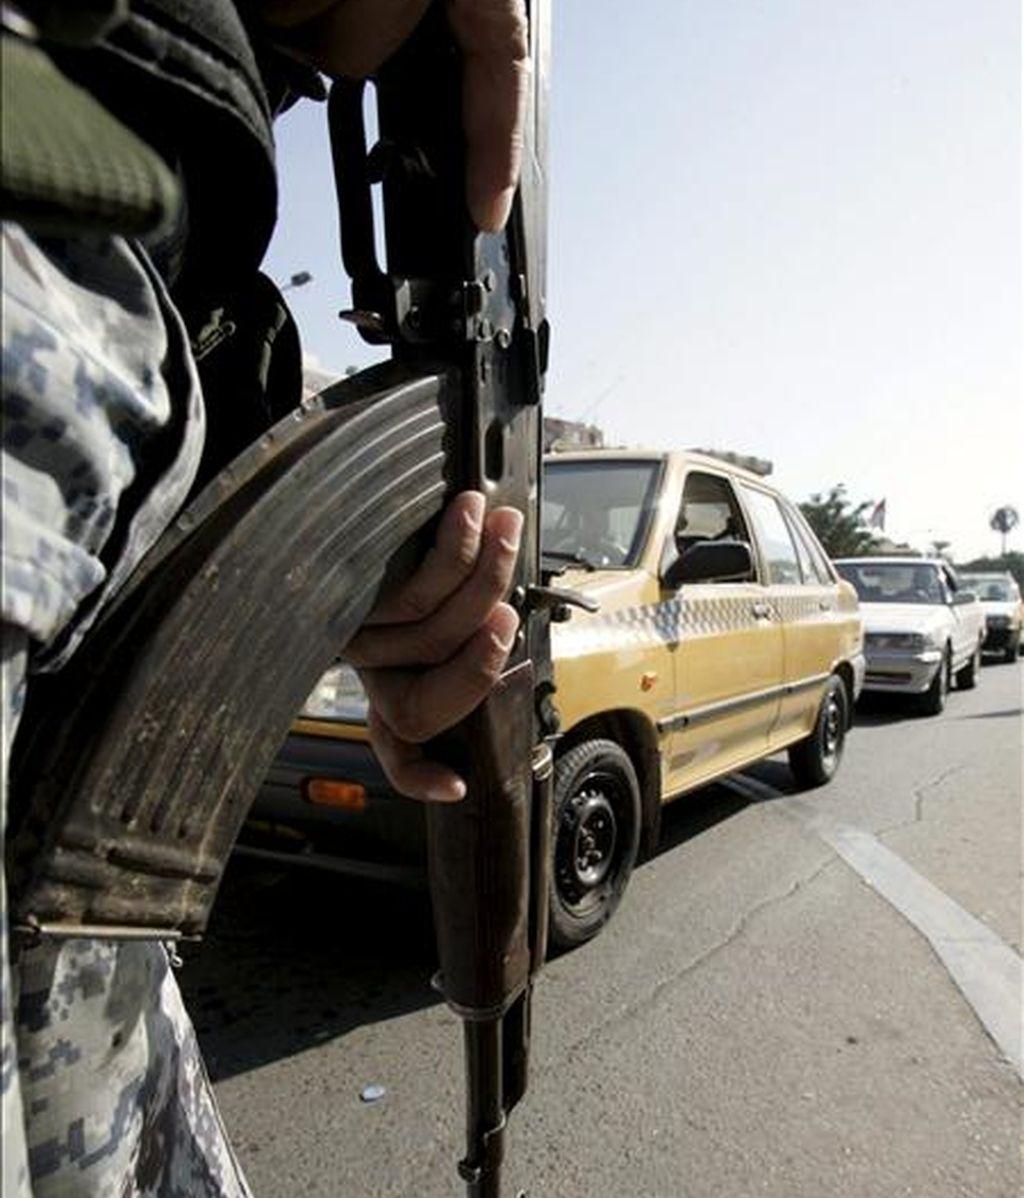 Un policía iraquí hace guardia en un punto de control en el centro de Bagdad en Irak el pasado jueves. EFE